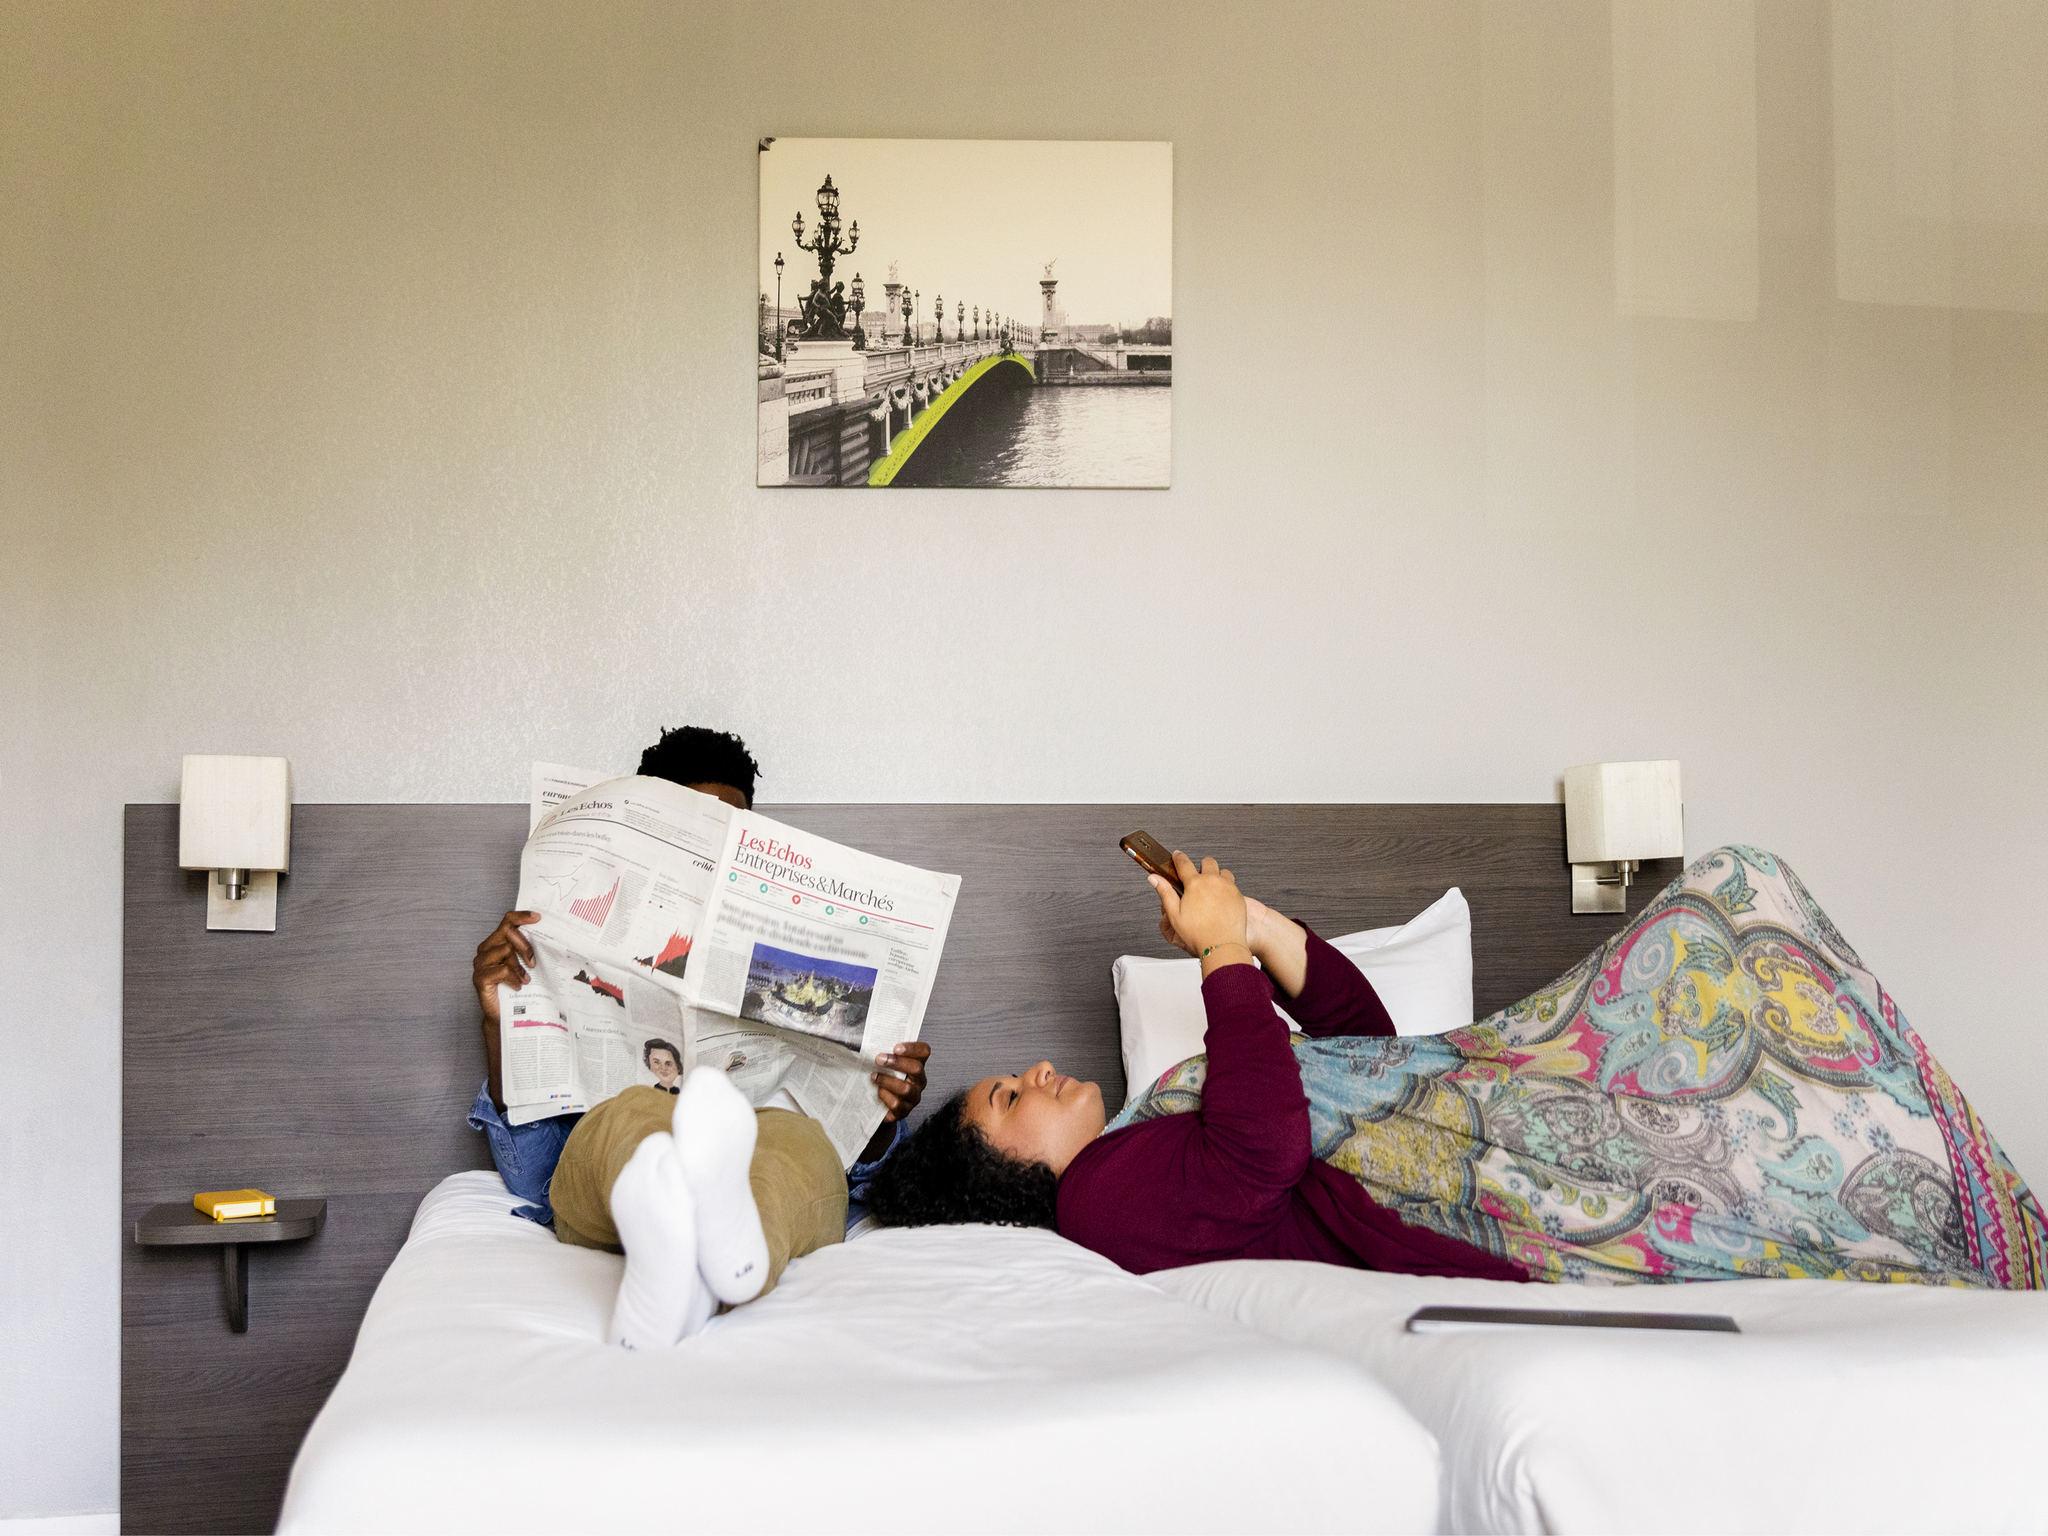 酒店 – 阿德吉奥阿克瑟斯马恩河畔诺让酒店